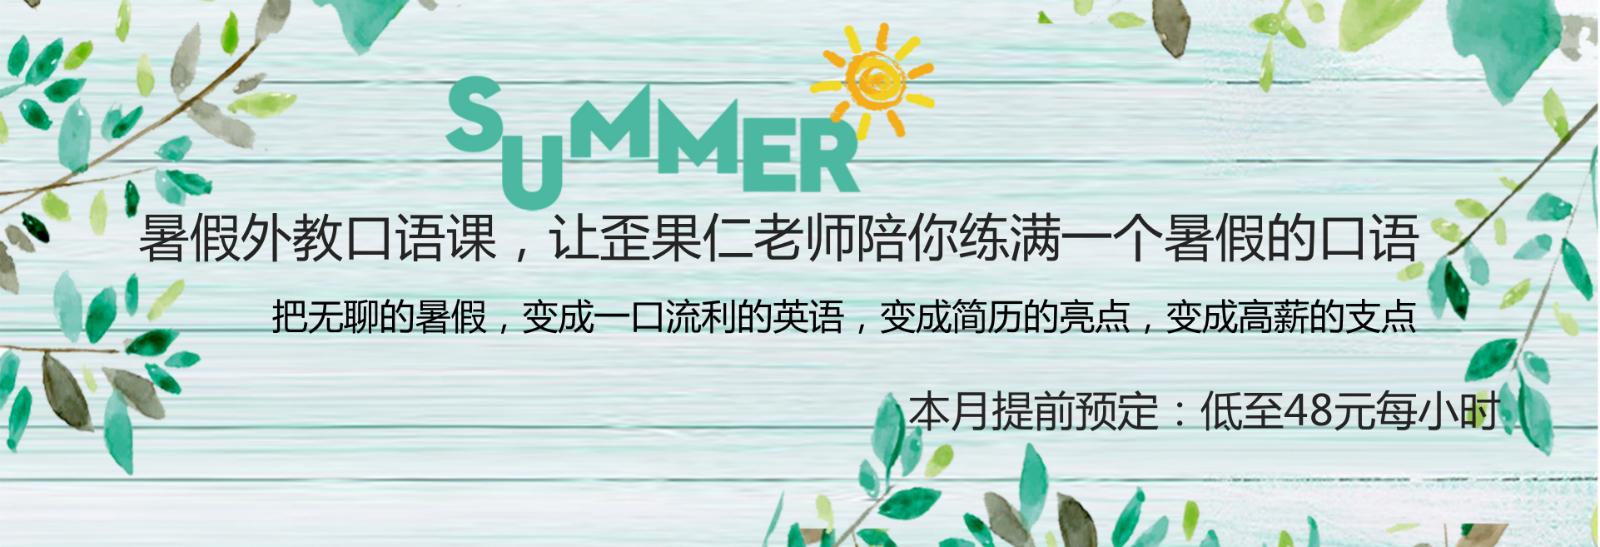 昆明外教英语口语暑假课